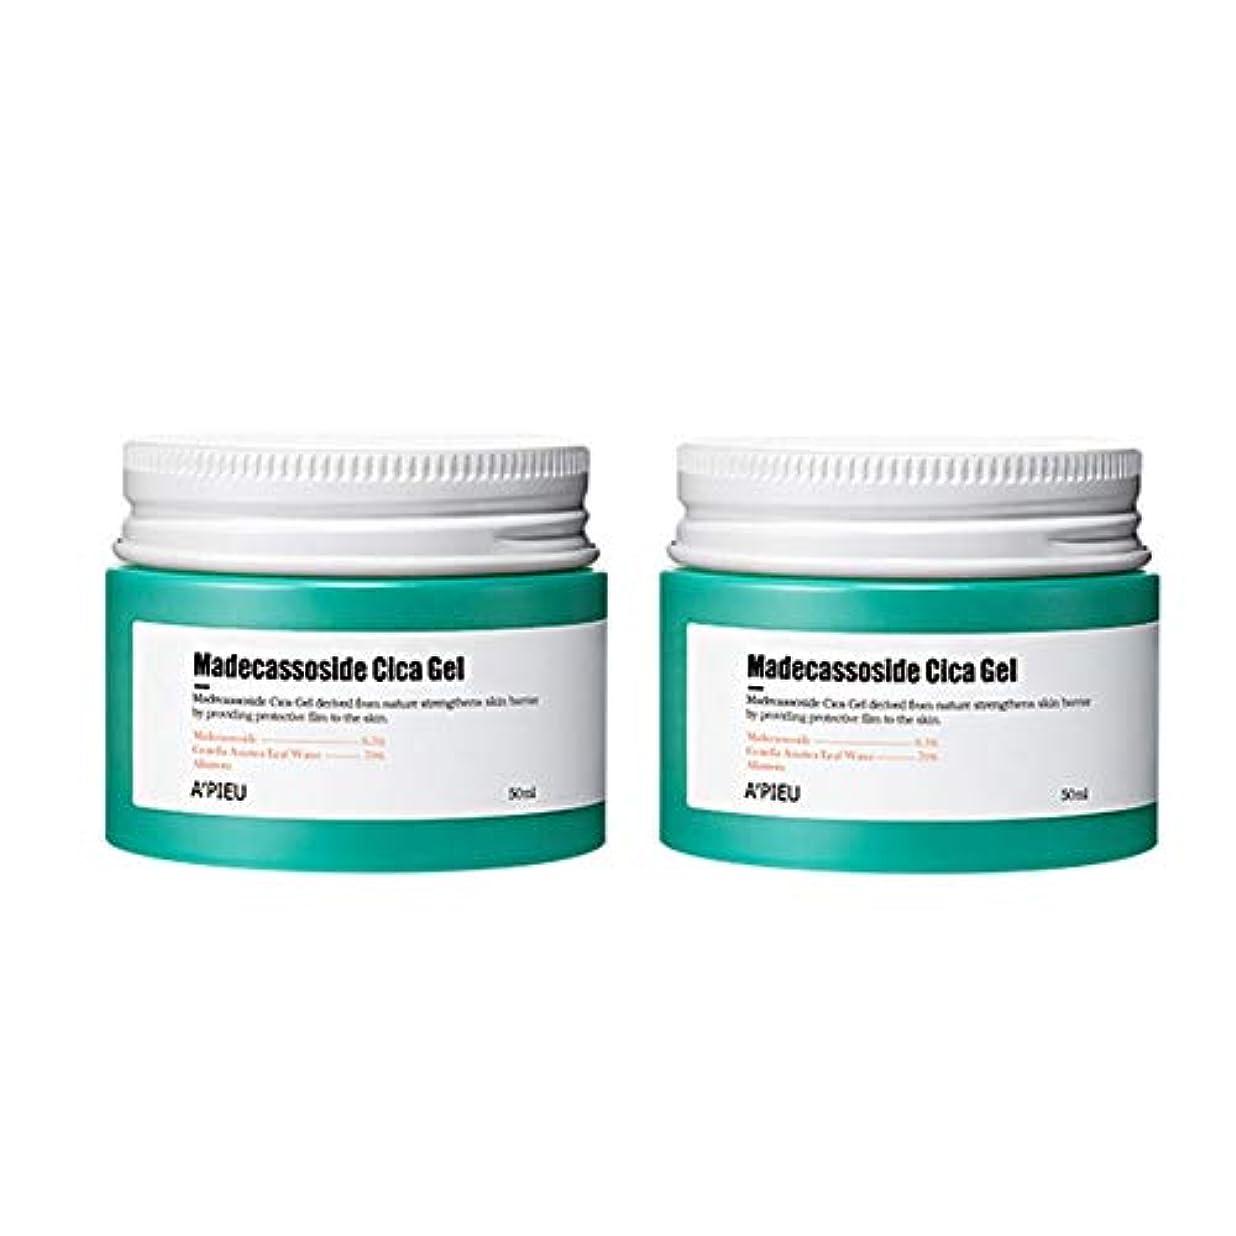 財布協力するイーウェルオピュマデカソサイドシカゲル50ml x2本セット皮膚の損傷の改善、A'pieu Madecassoside Cica Gel 50ml x 2ea Set Skin Damage Care [並行輸入品]